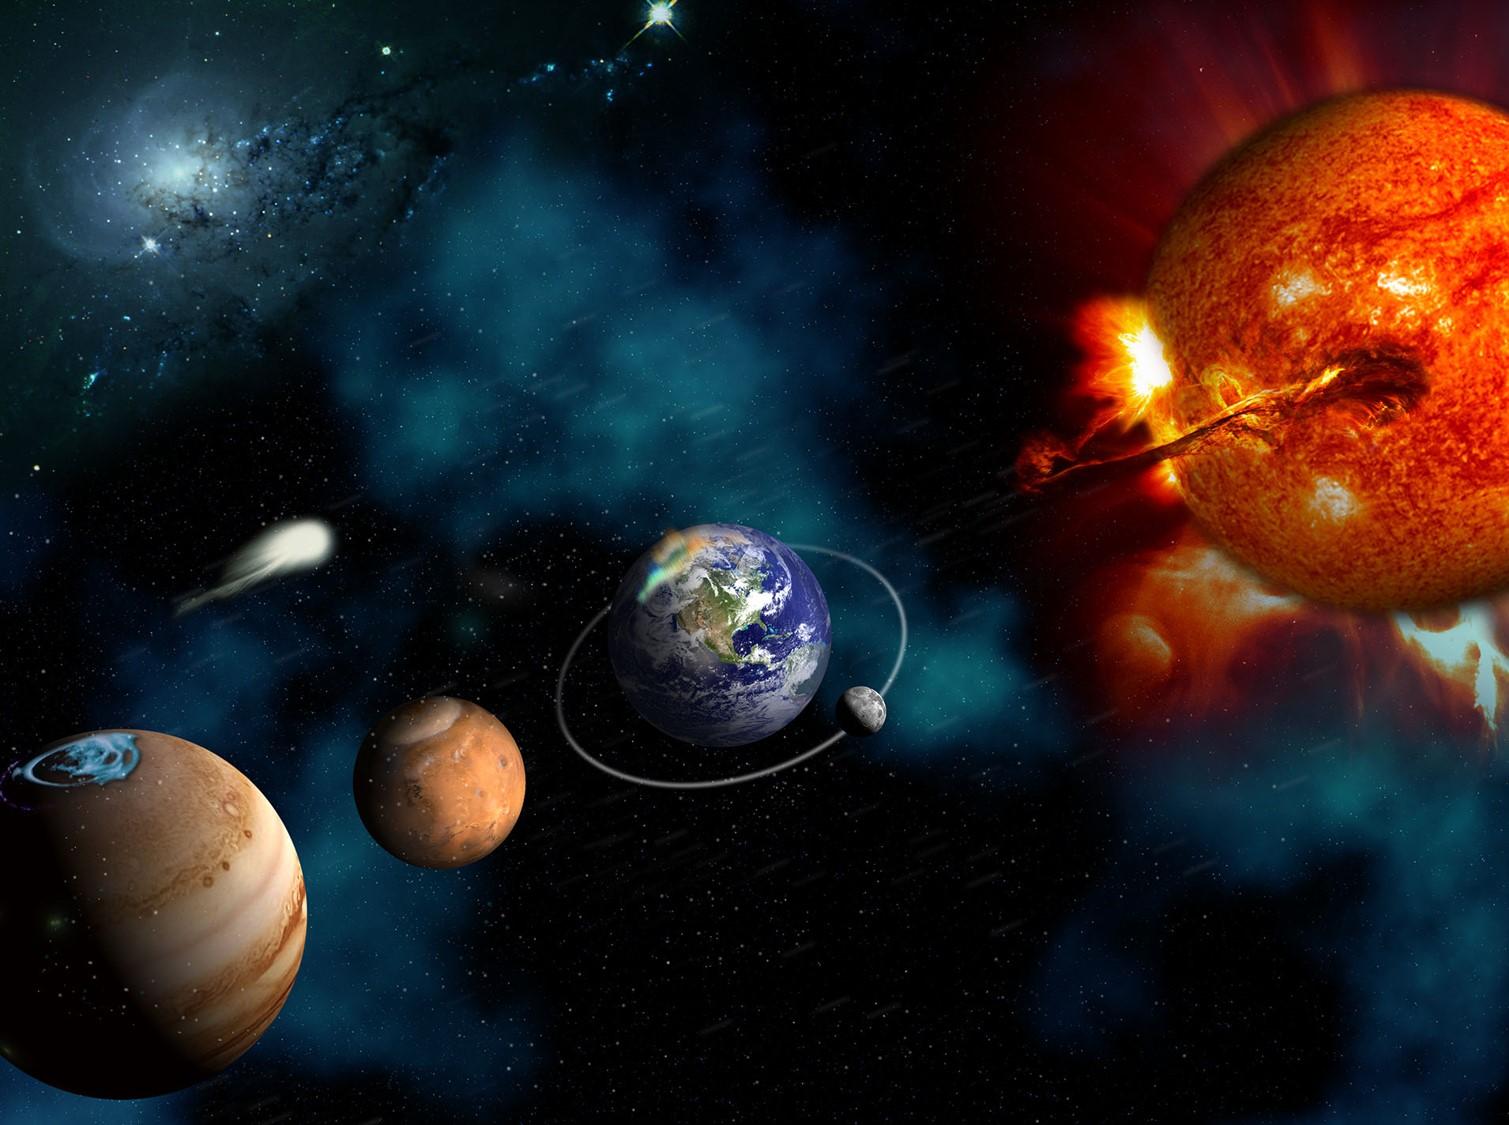 NASA Selects Proposals to Study Sun, Space Environment | NASA